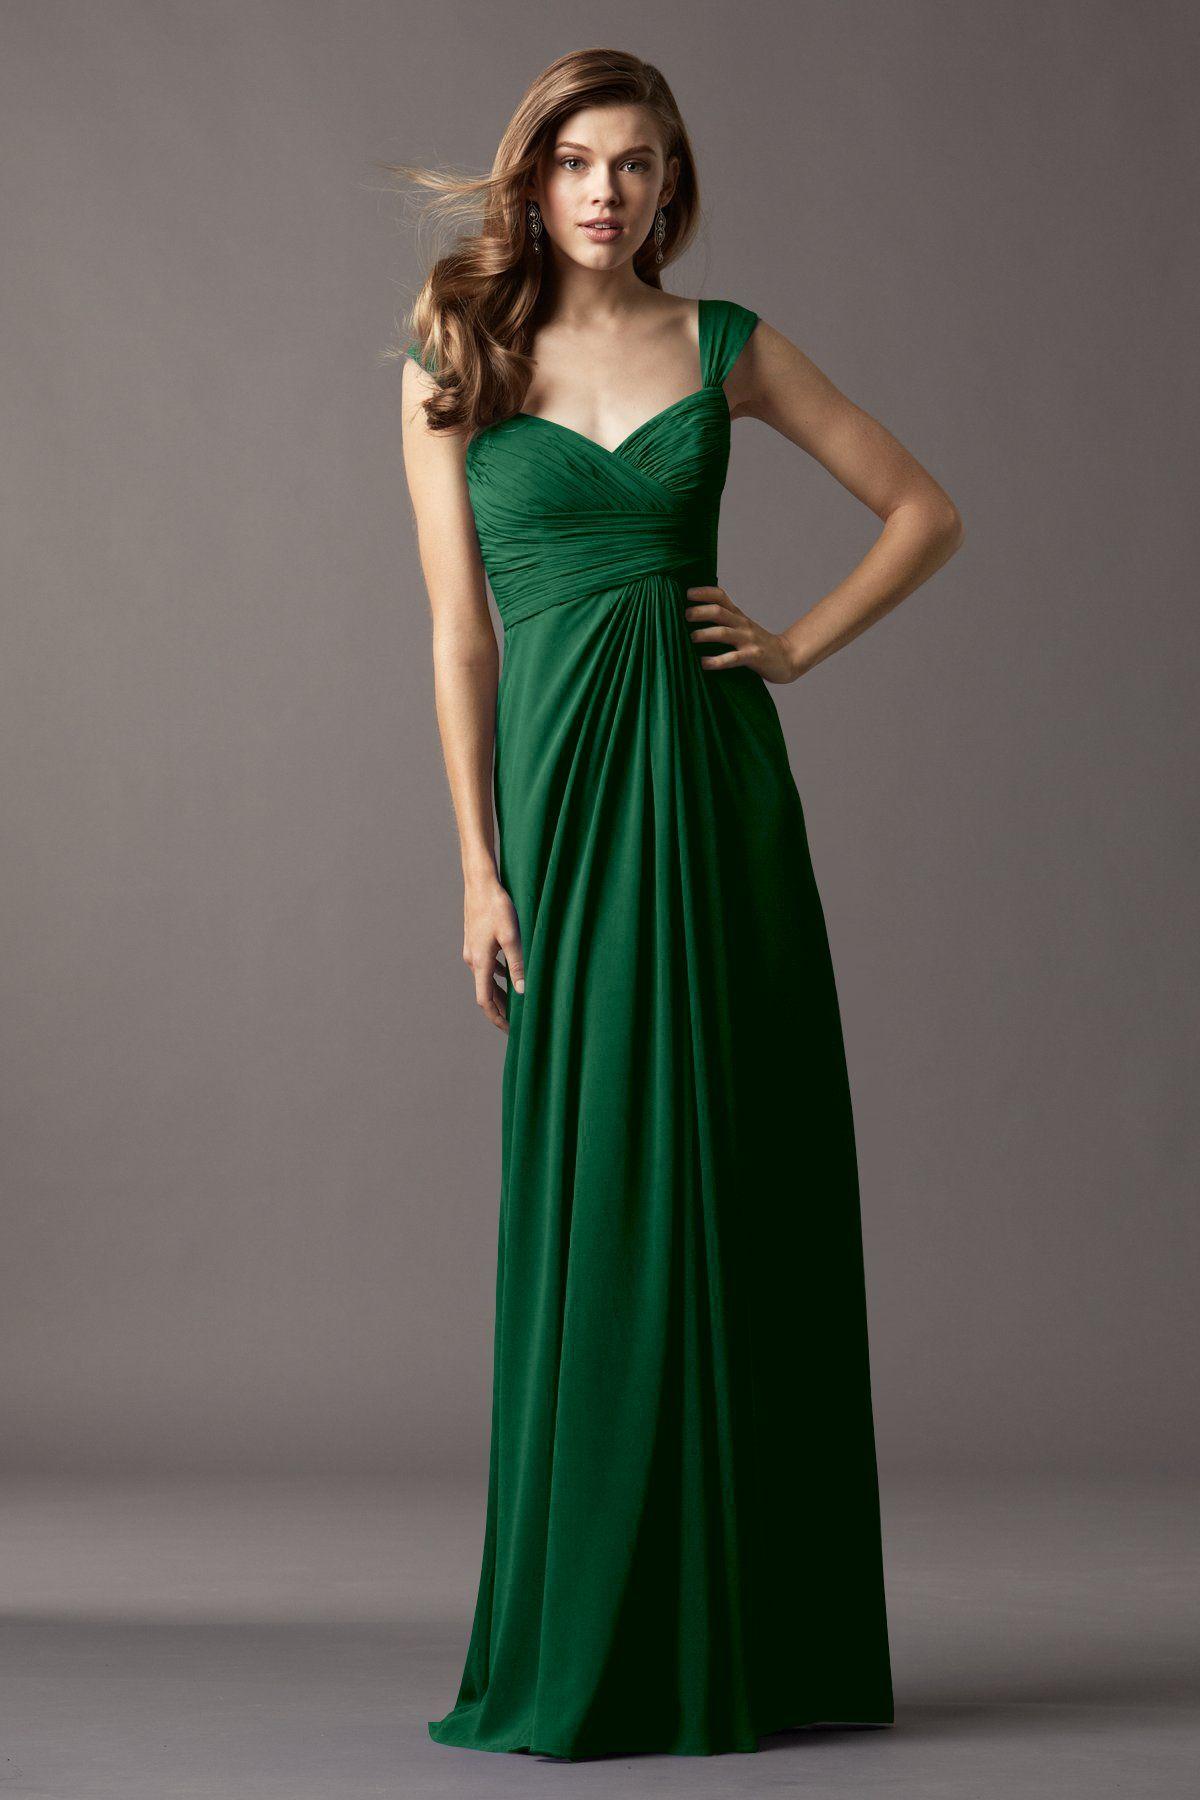 Mahogany 4515 | Bridesmaids | Watters | Bridesmaid dresses ...